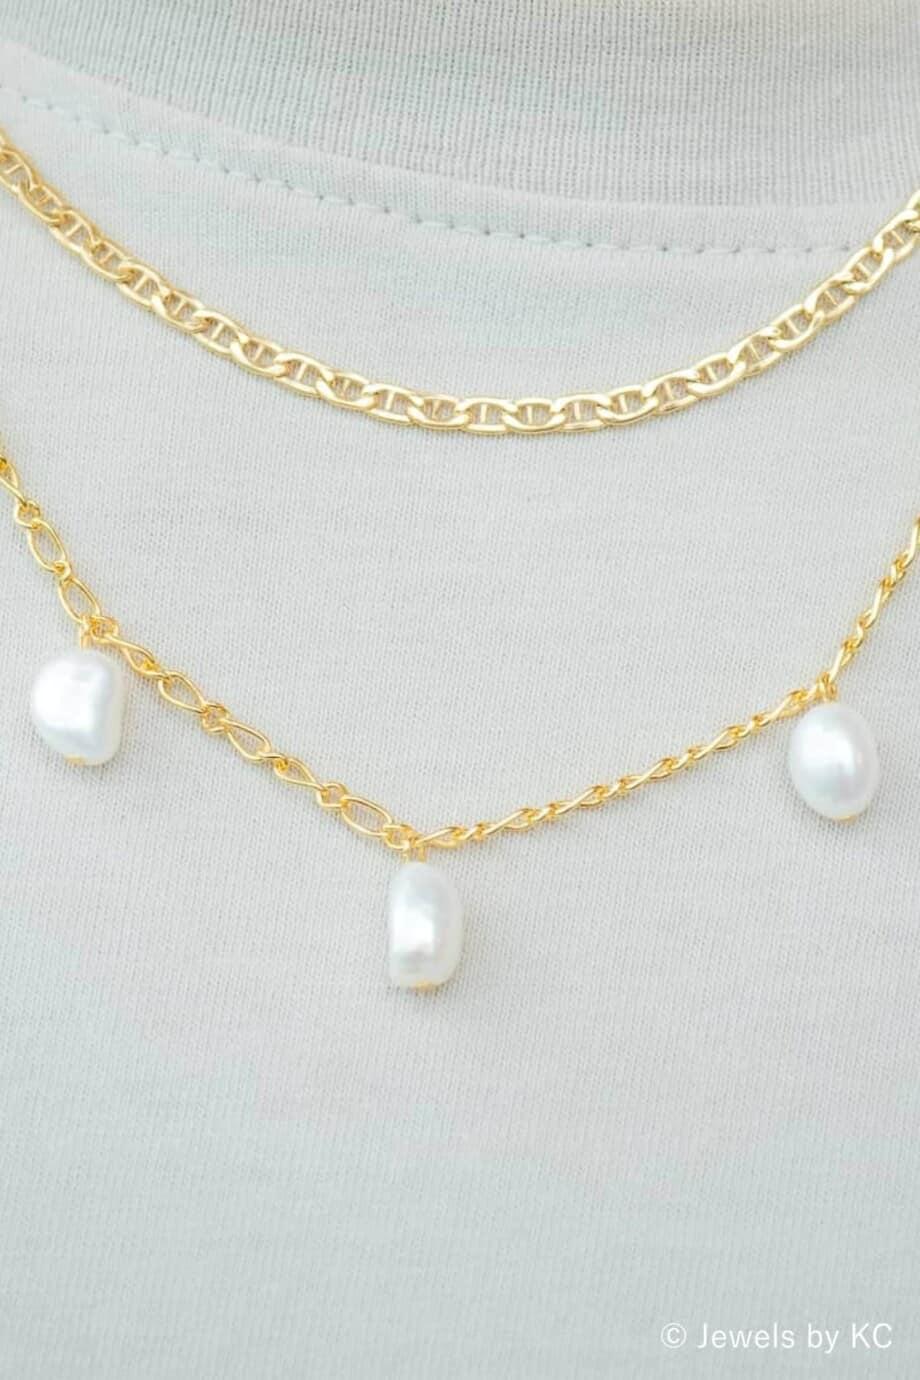 Gouden parel ketting 'Five pearls' van Goud op Zilver